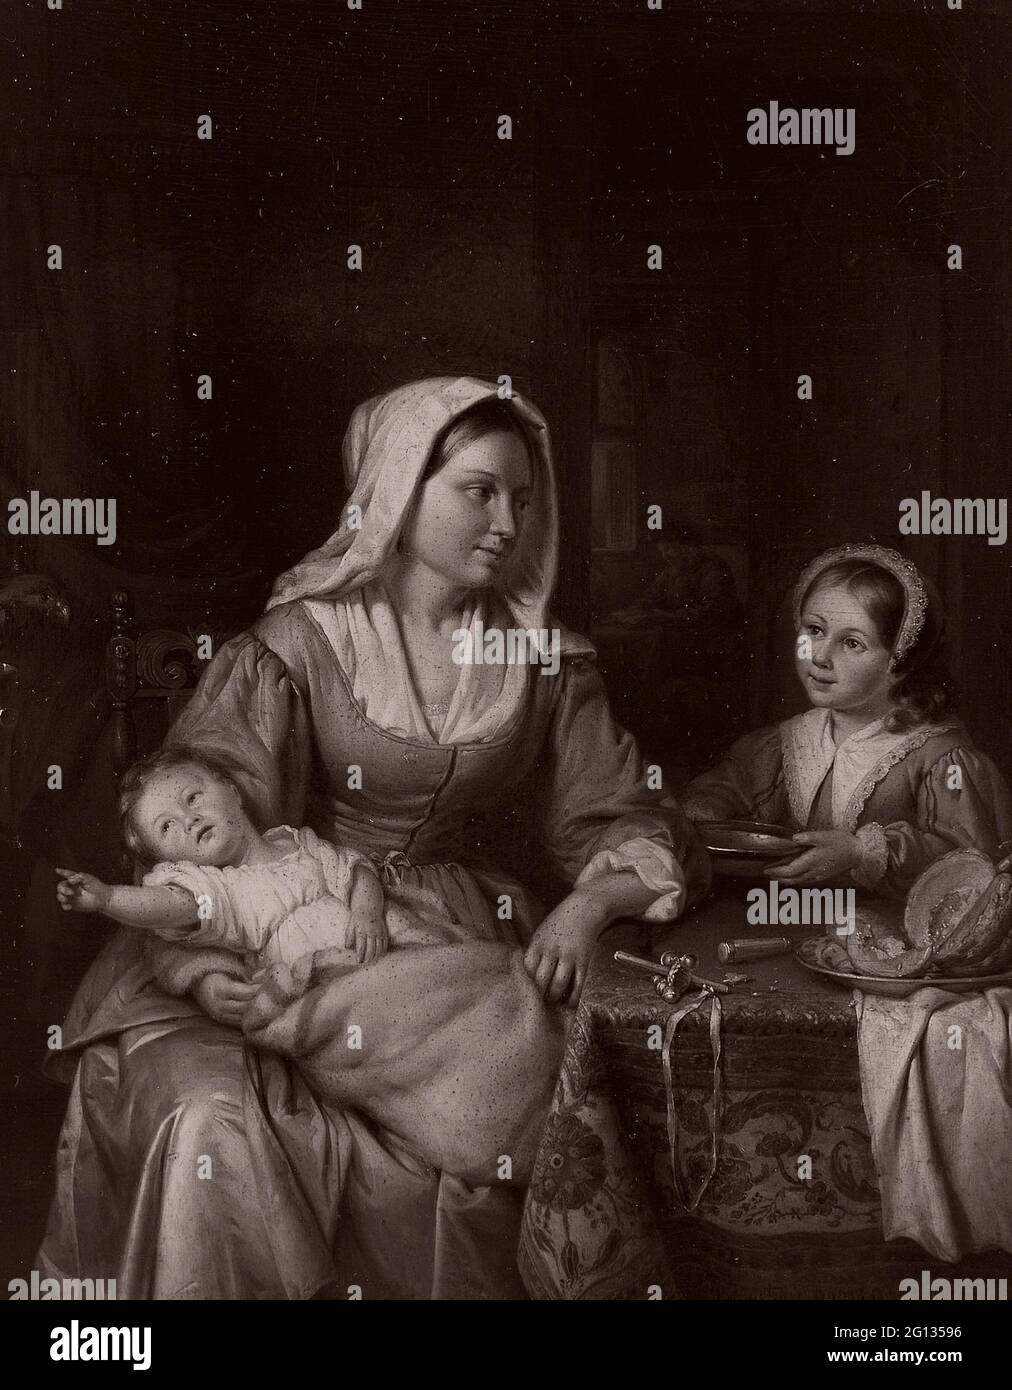 Auteur: Adriaan de Lelie. Mère et deux enfants à vie morte - 1810 - Adriaen de Lelie Dutch, 1755-1820. Huile sur le panneau. Pays-Bas. Banque D'Images